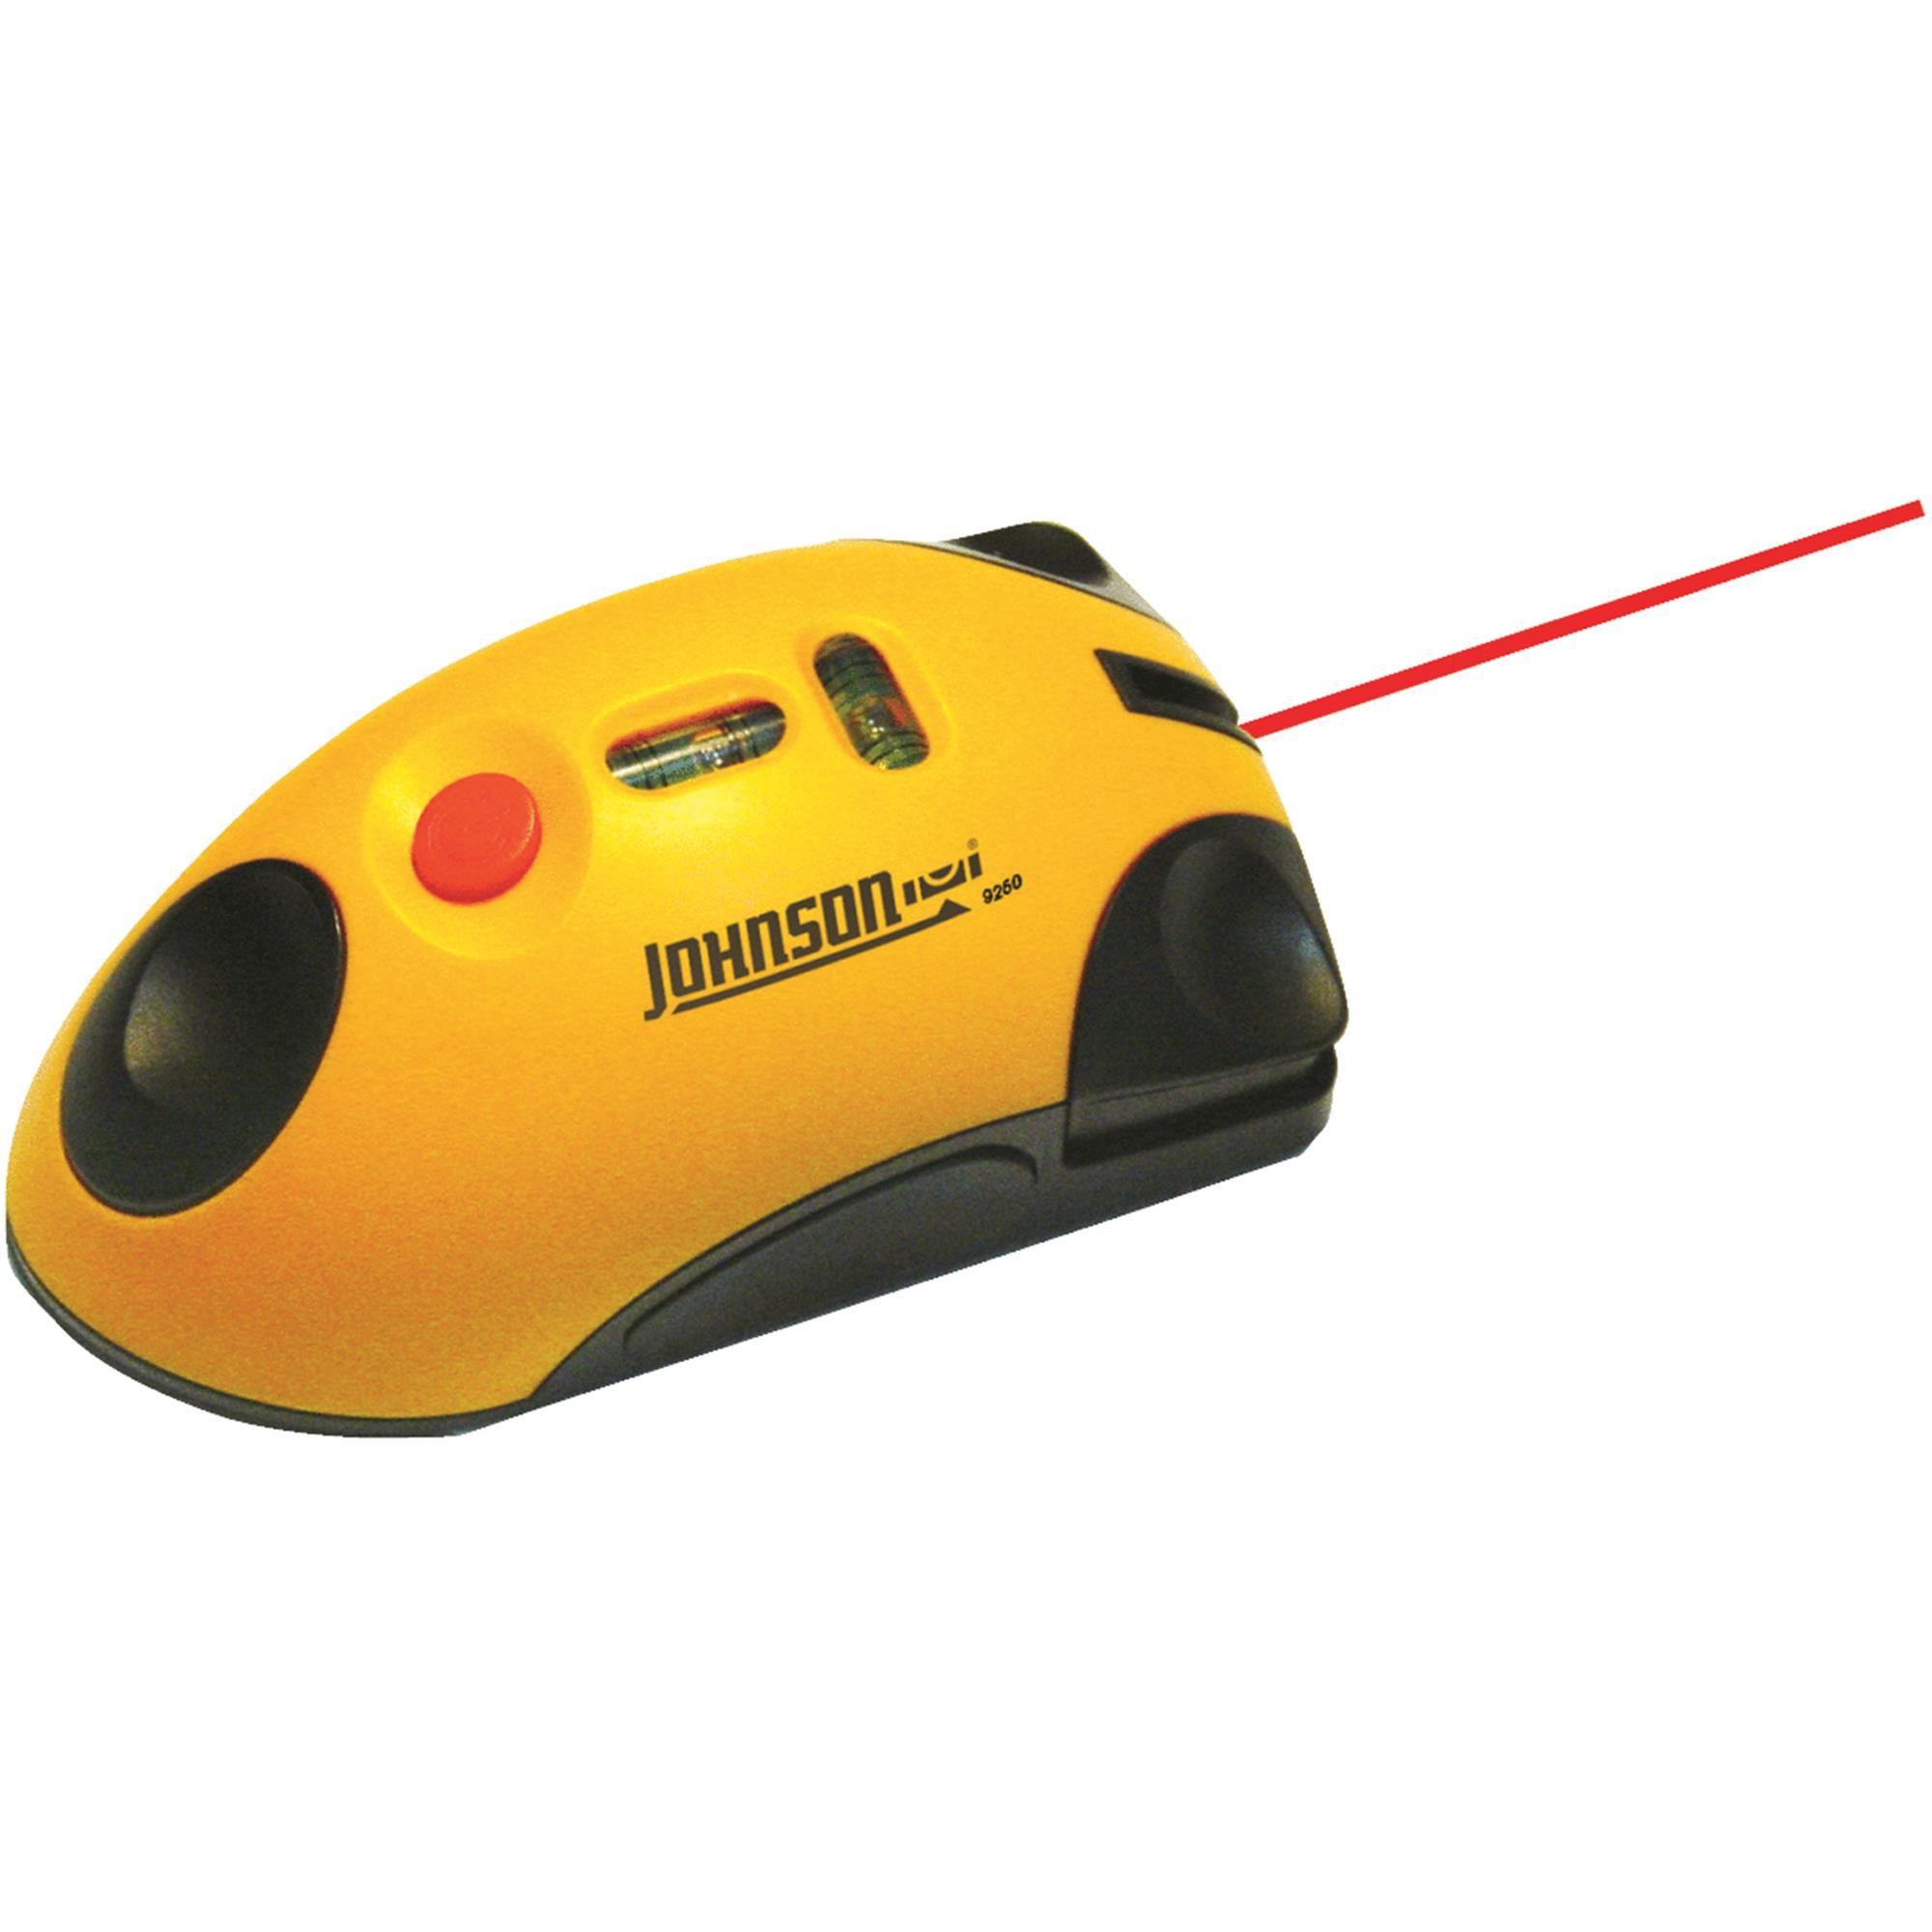 Johnson Level LaserMouse Laser Level by Johnson Level